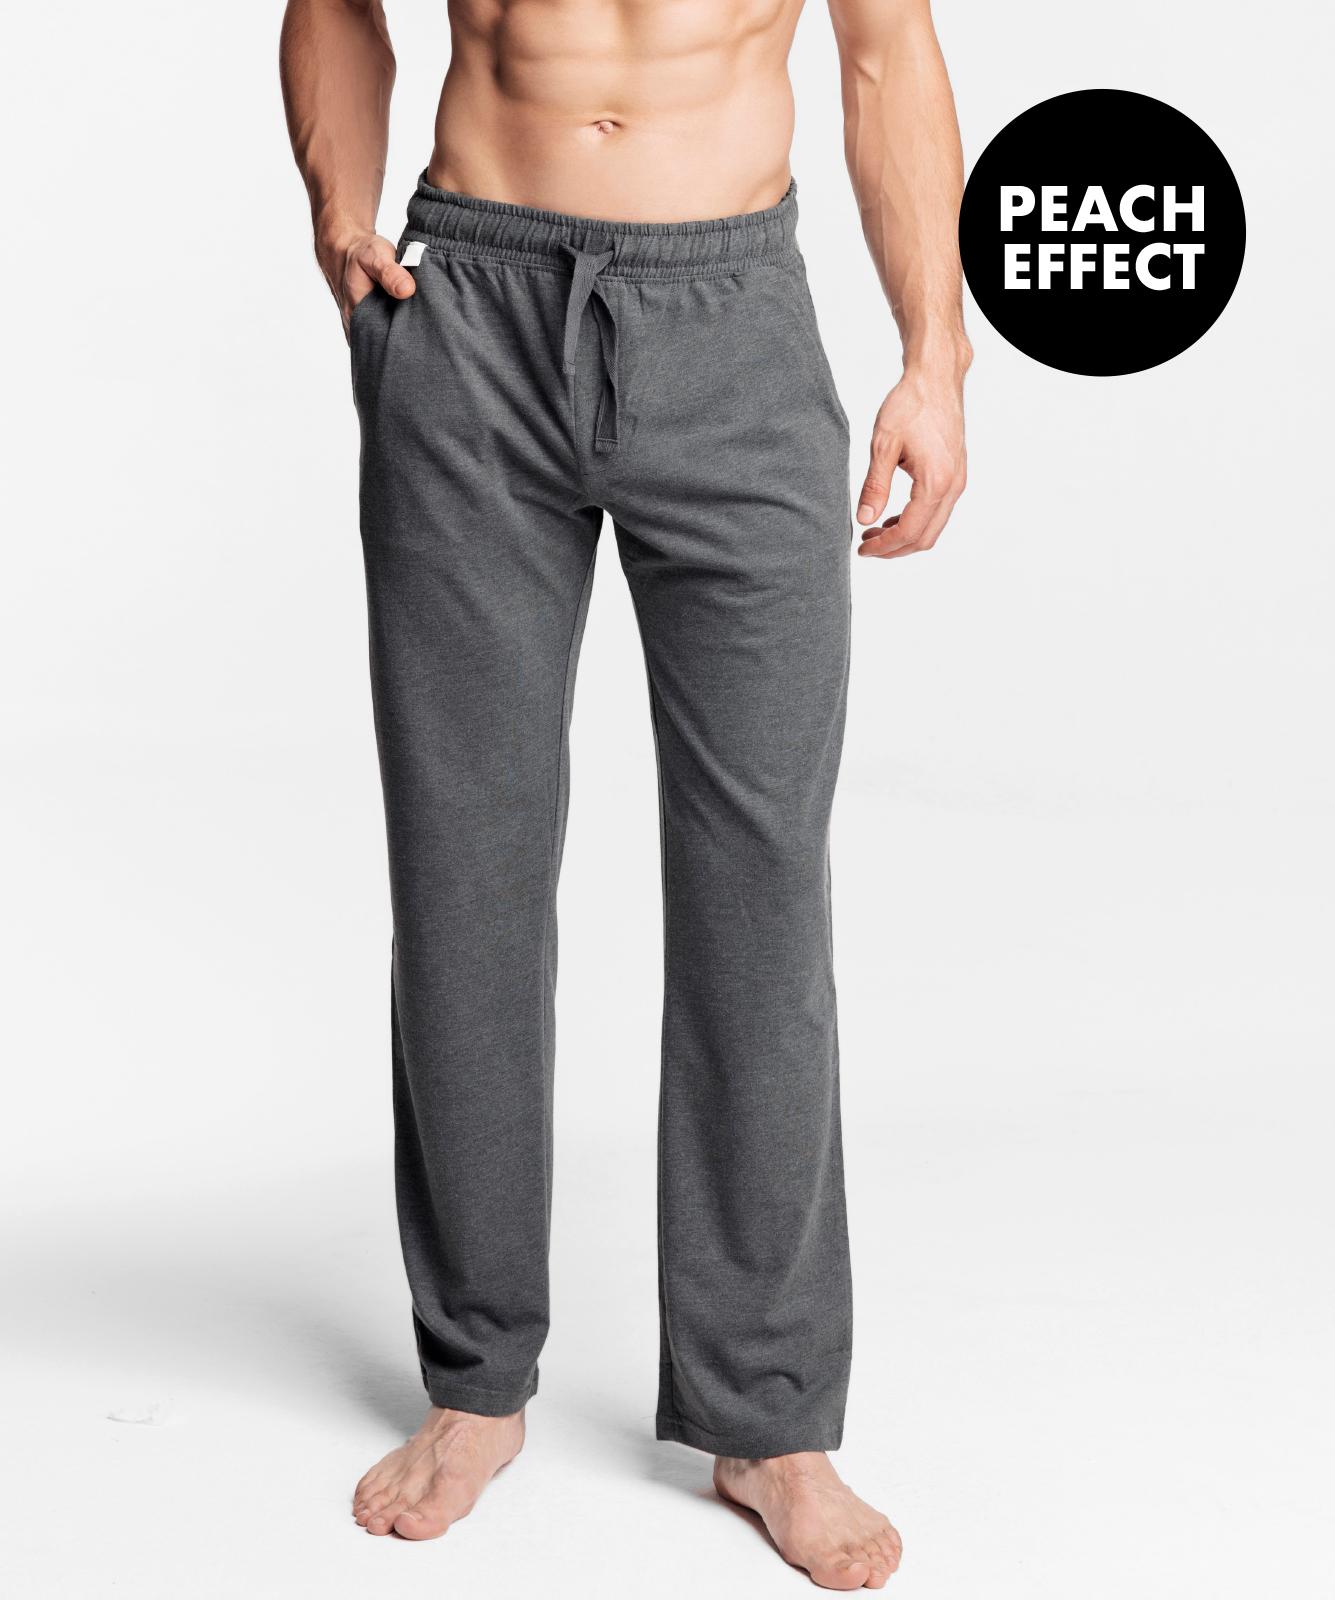 Мужские штаны пижамные Atlantic, 1 шт. в уп., хлопок, серый меланж, NMB-040